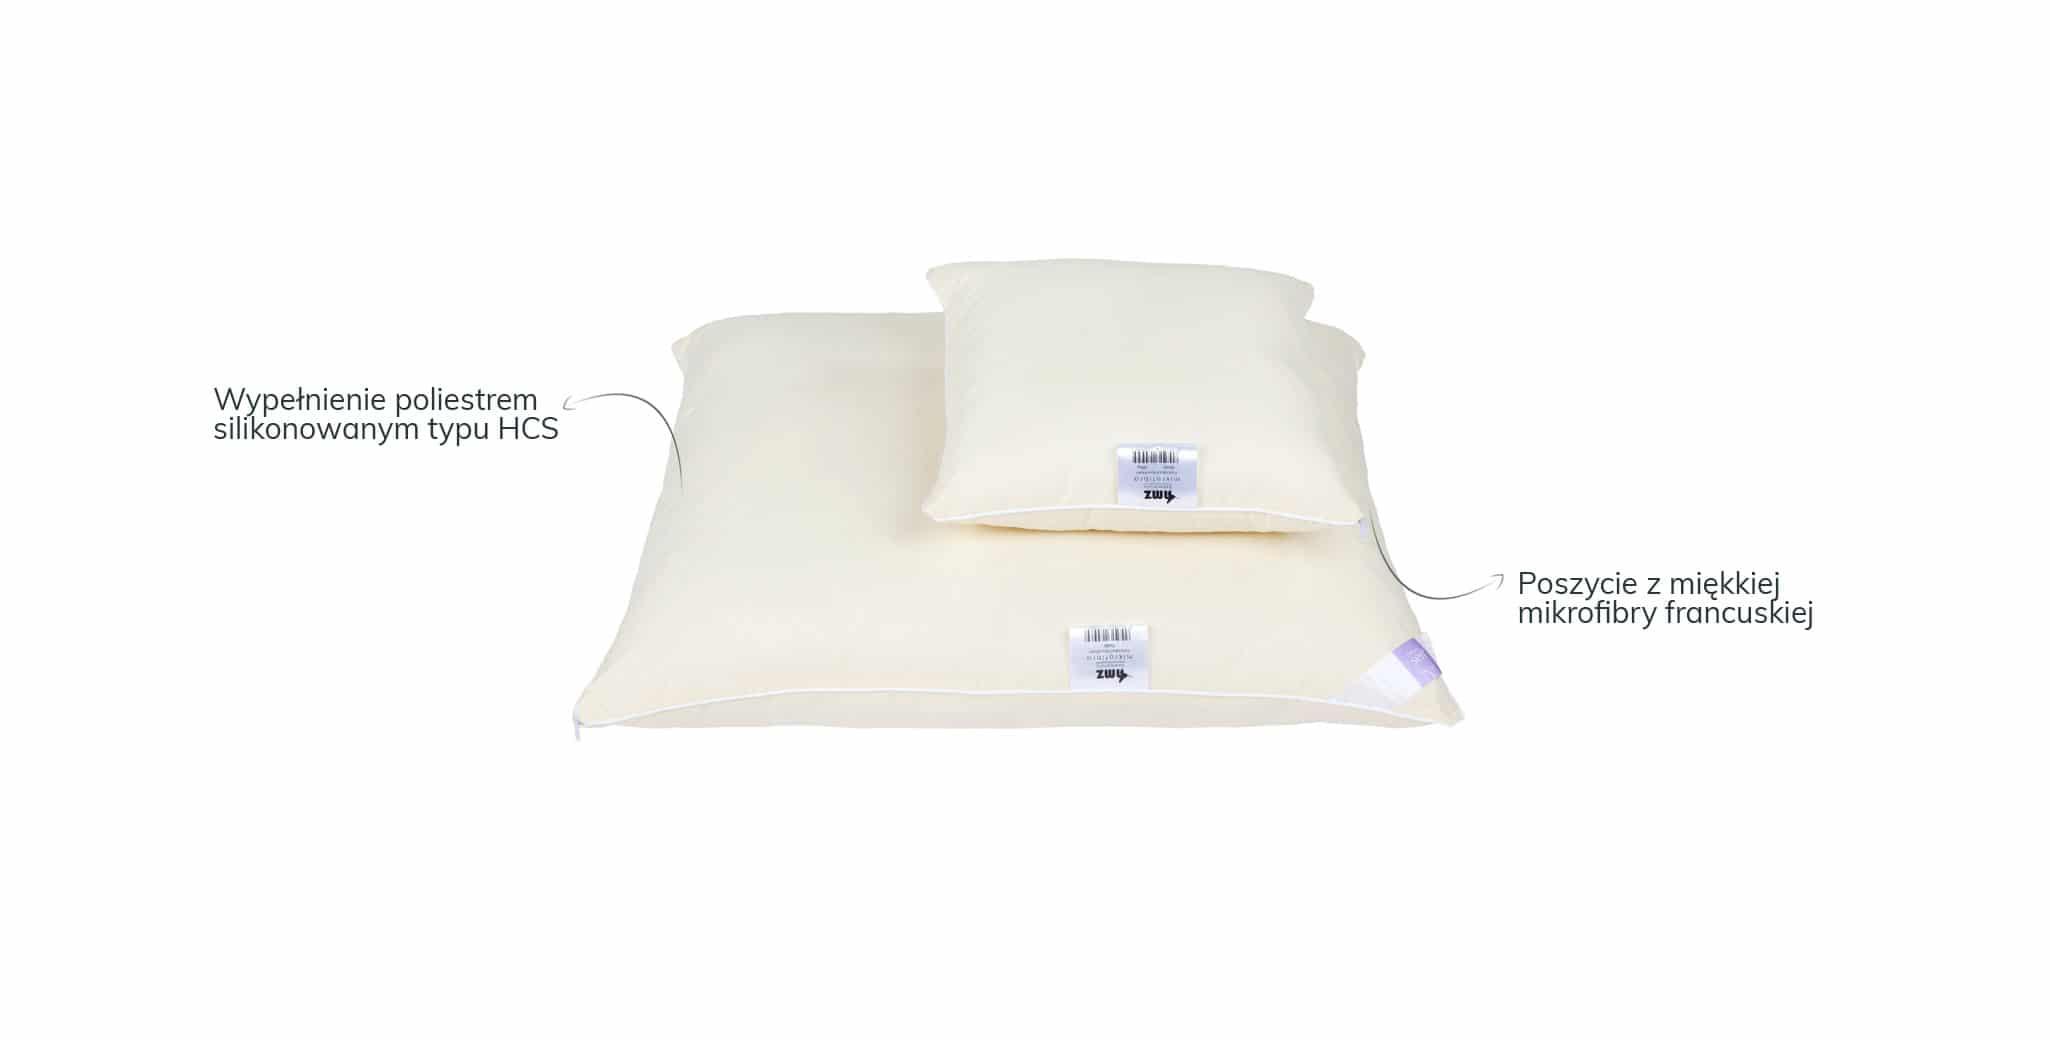 poduszka-zdrowy-sen-mikrofibra-opis